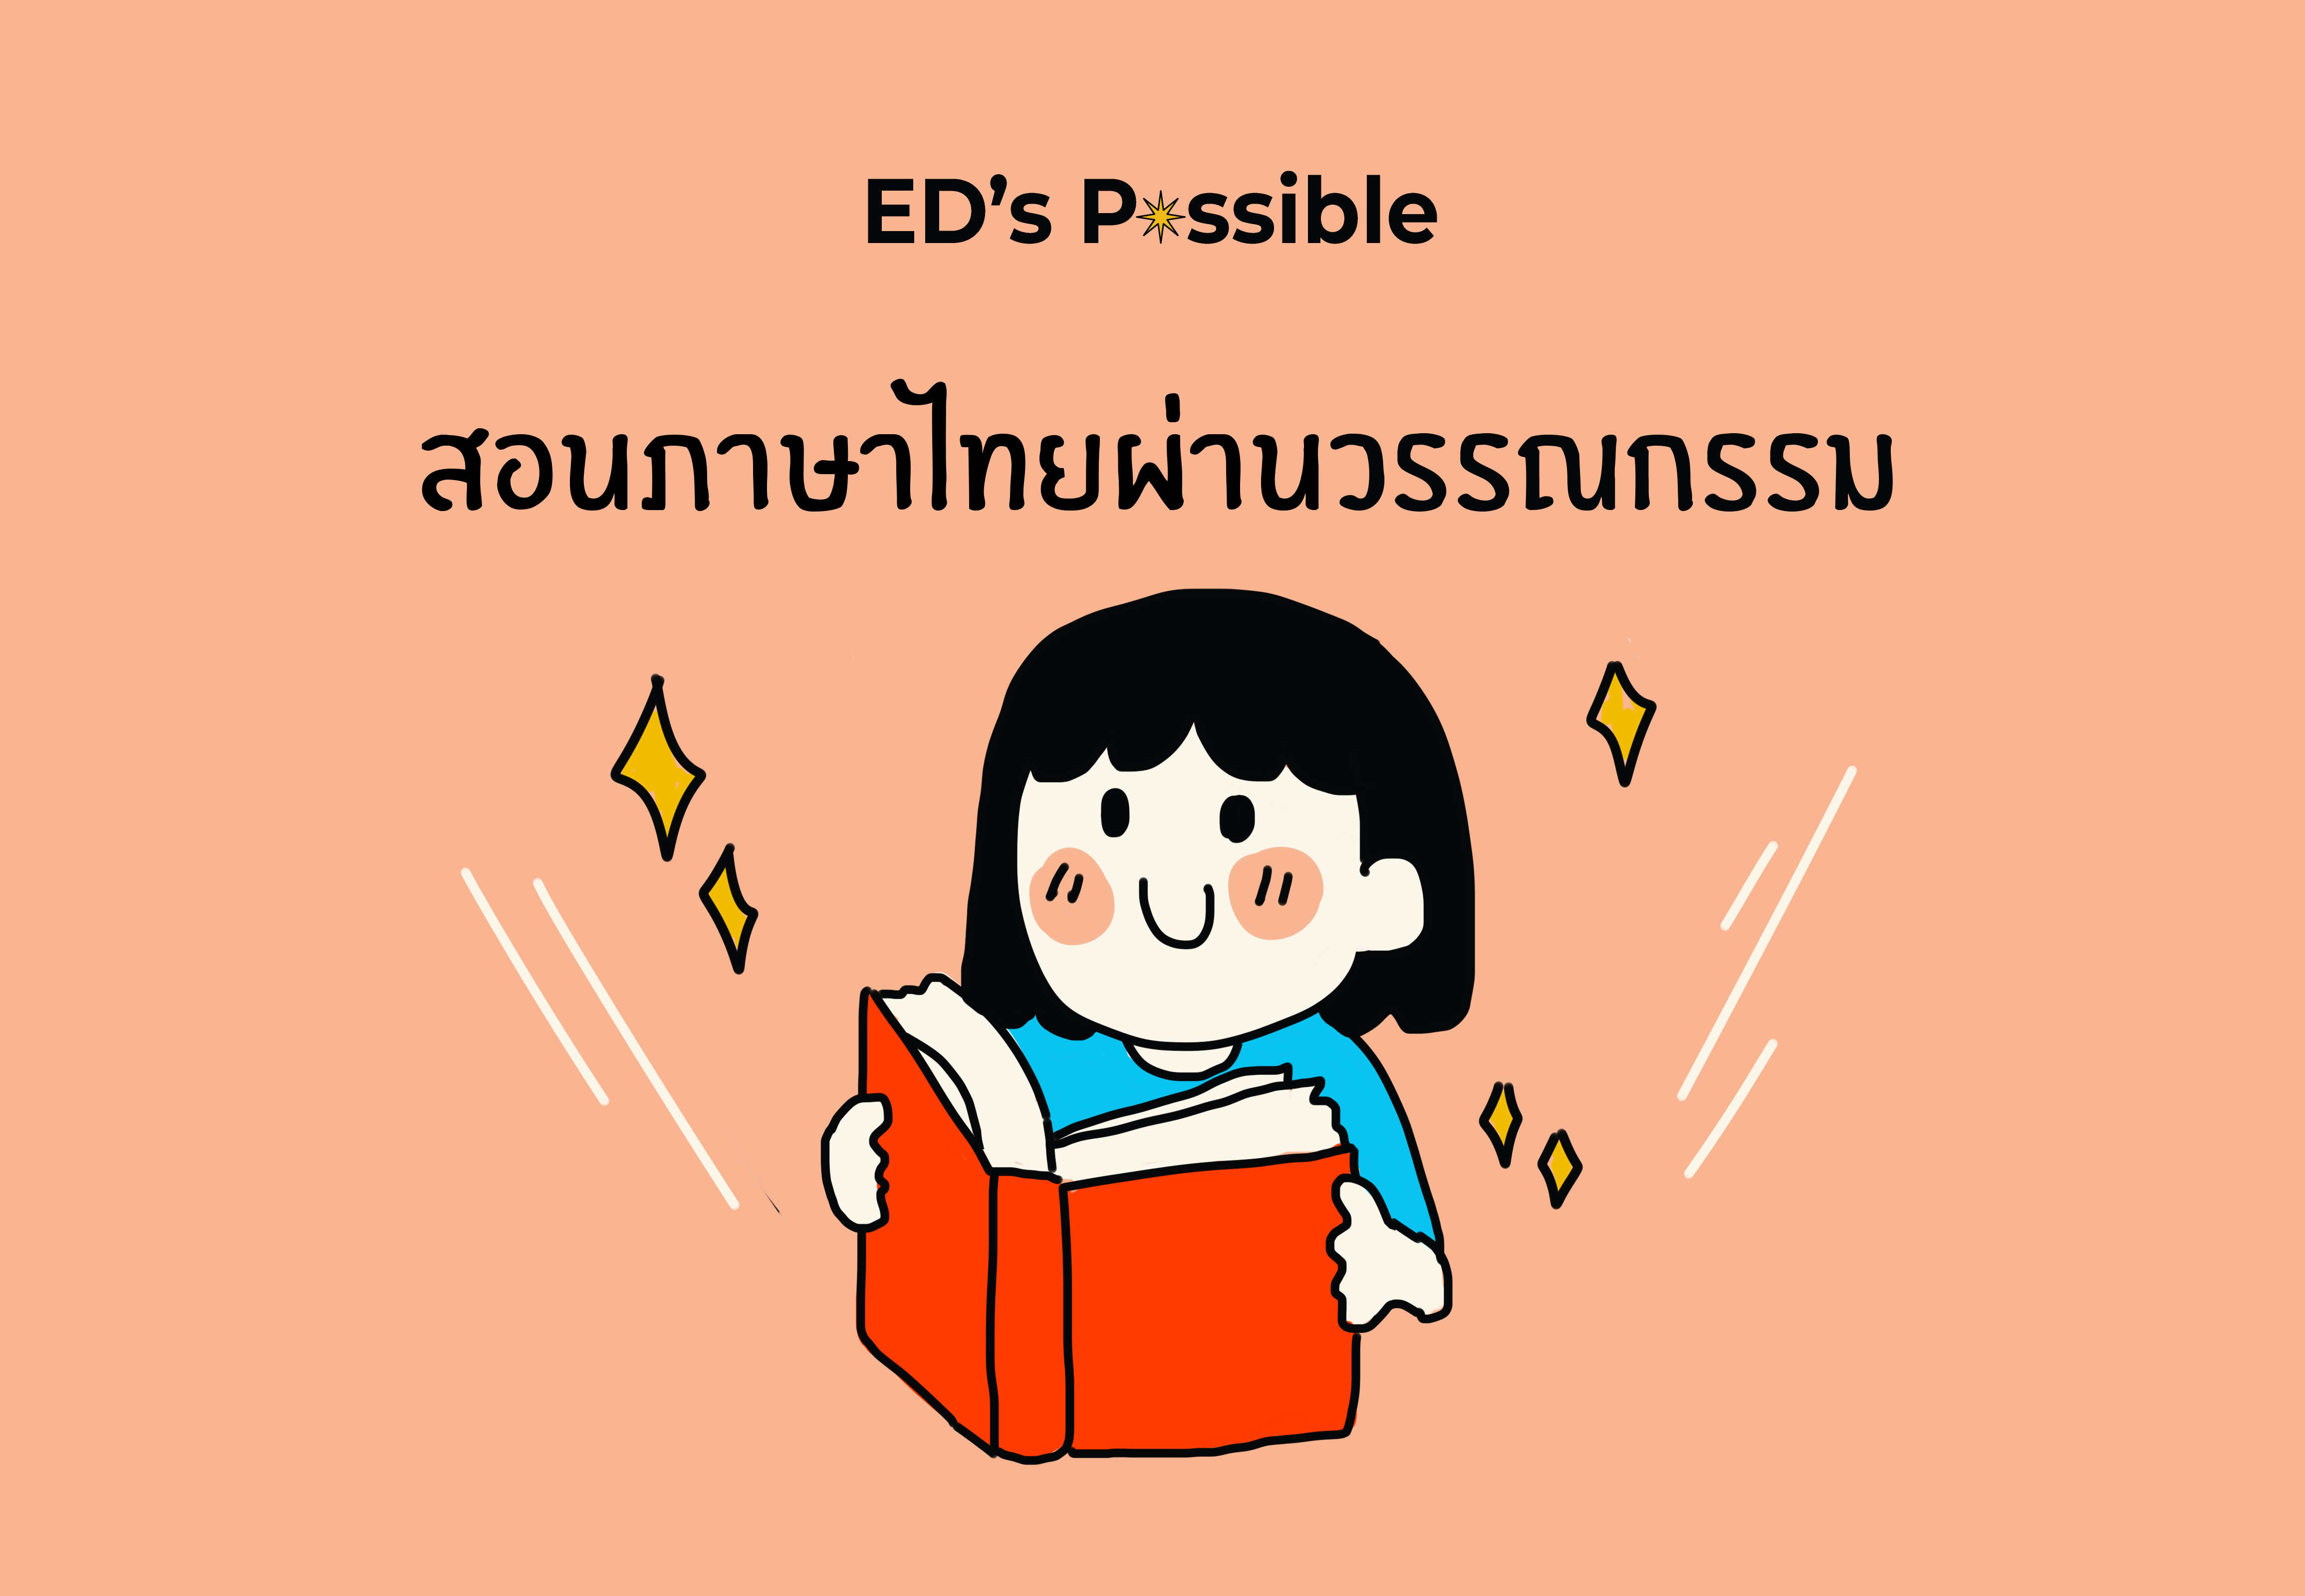 ภาพประกอบไอเดีย สอนภาษาไทยผ่านวรรณกรรม